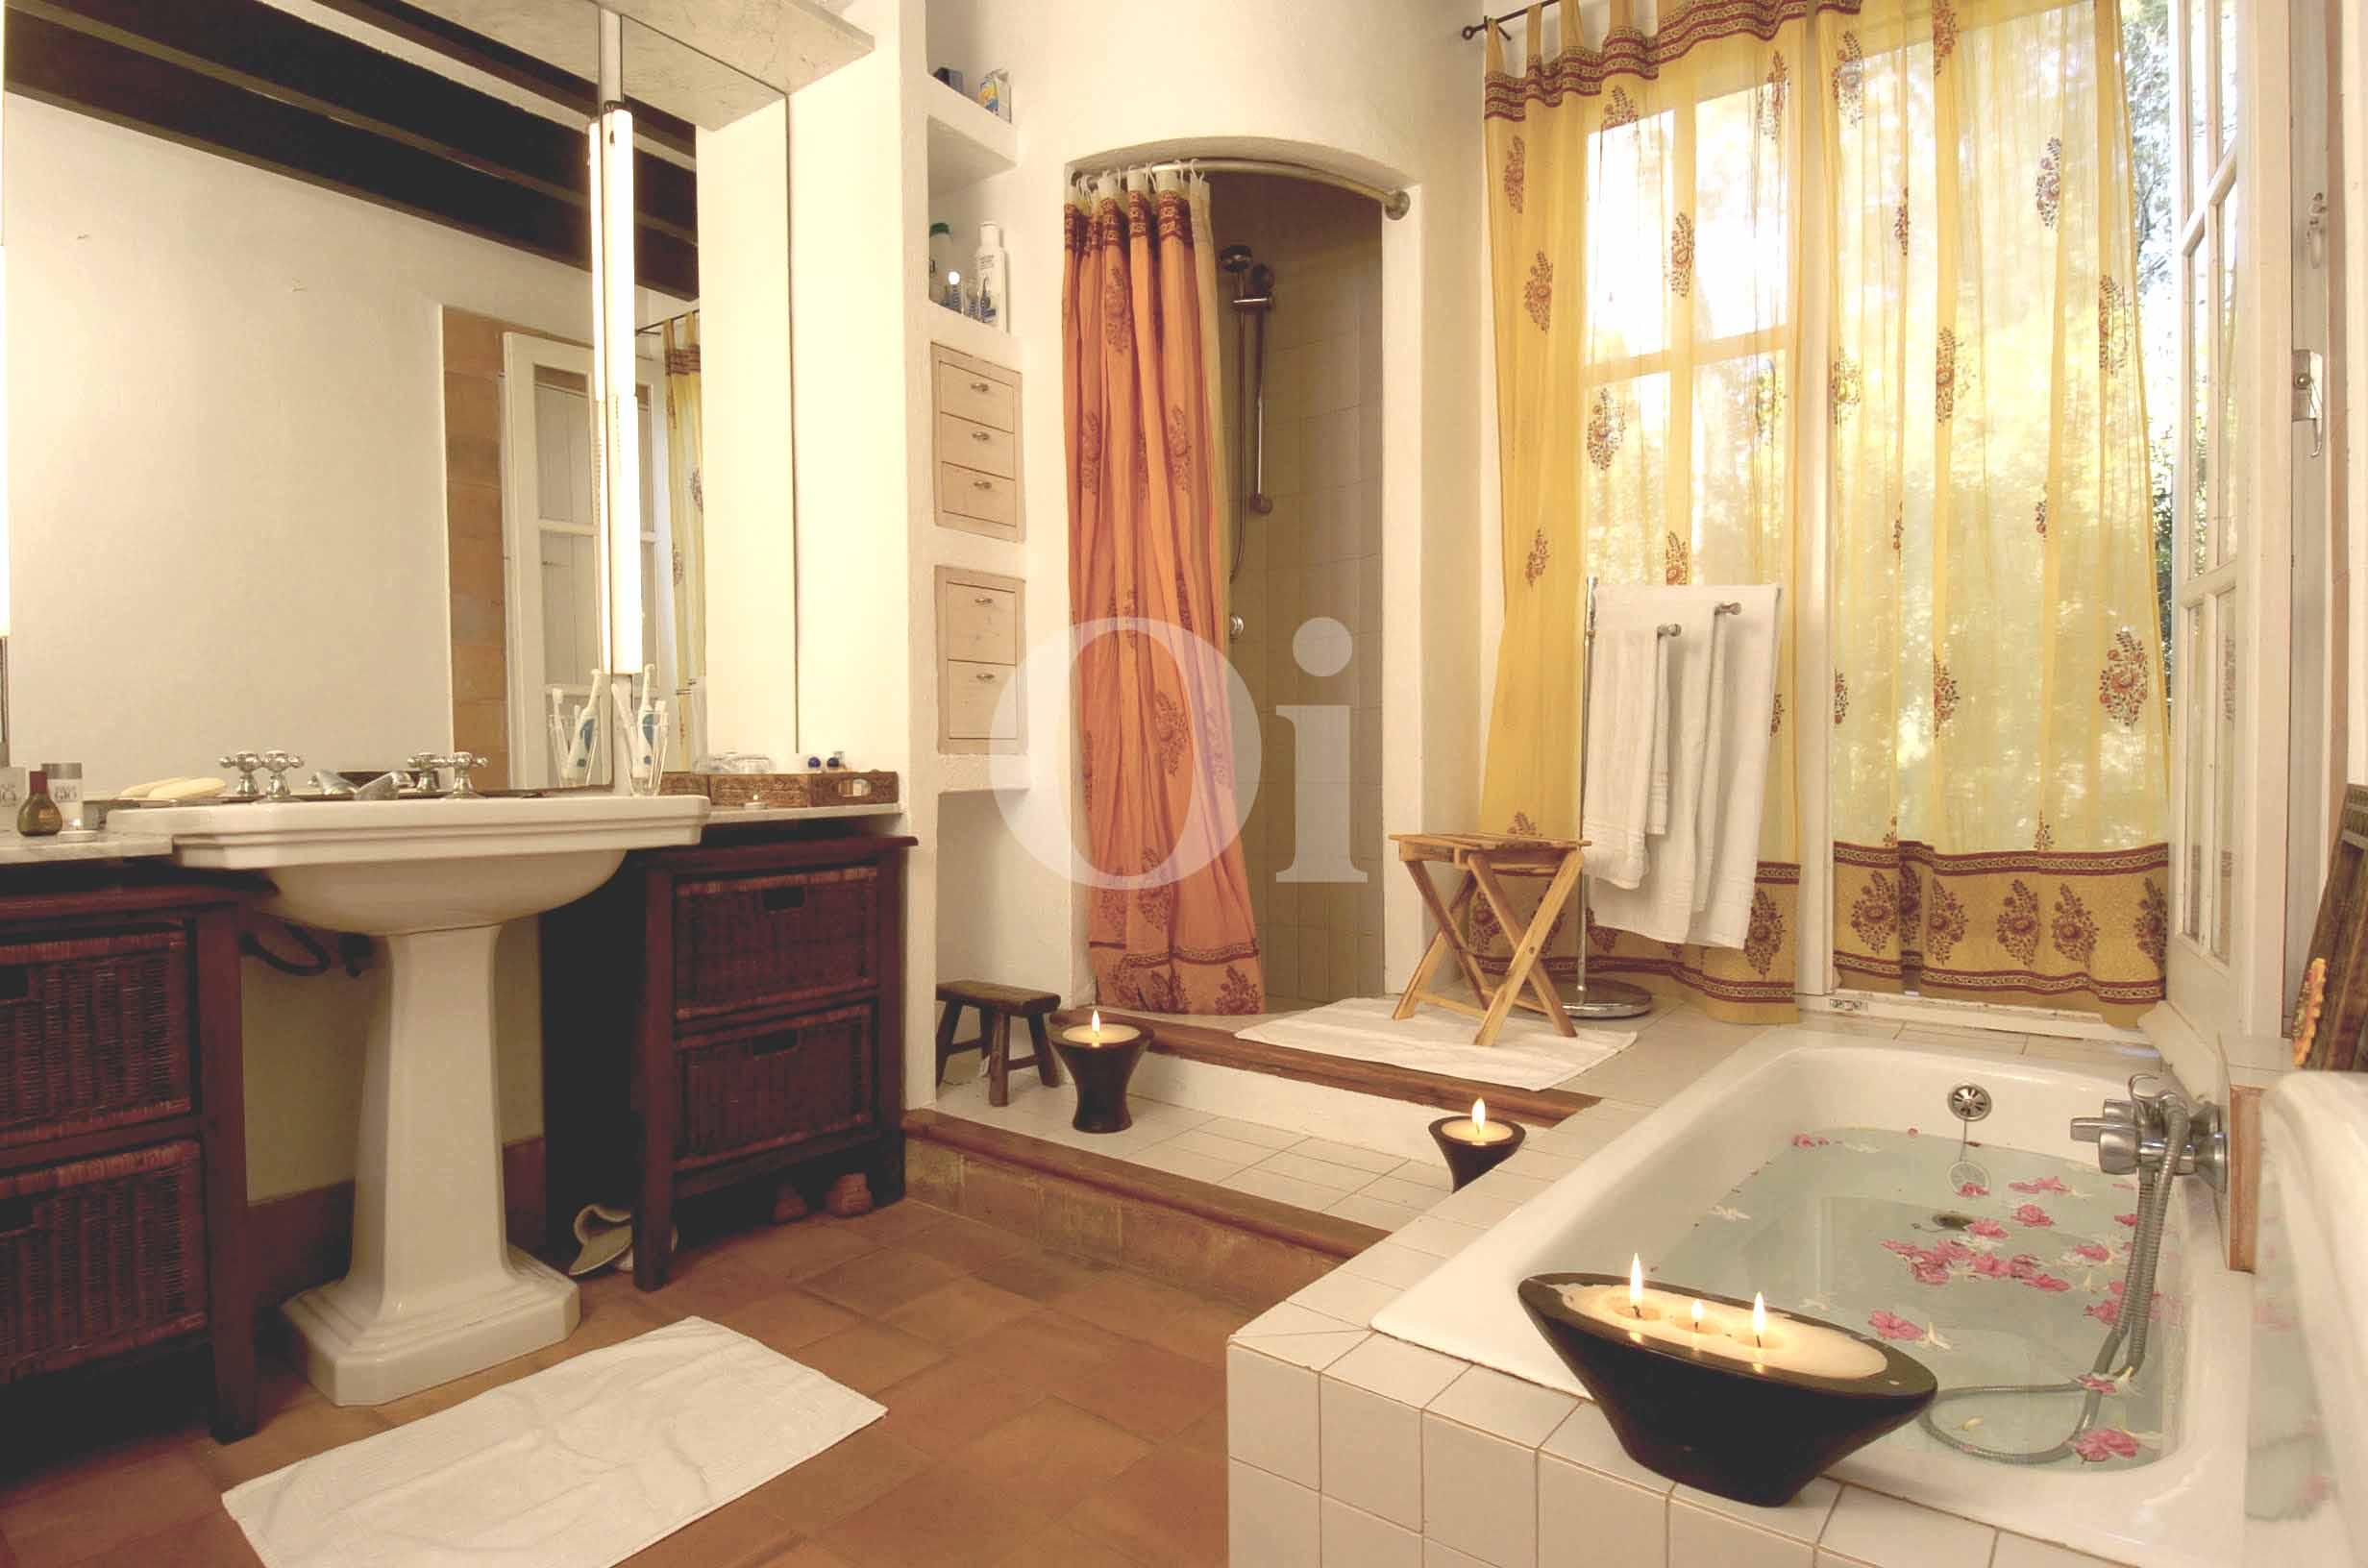 Gran baño completo con ducha y aseo en casa en venta situada en Ibiza